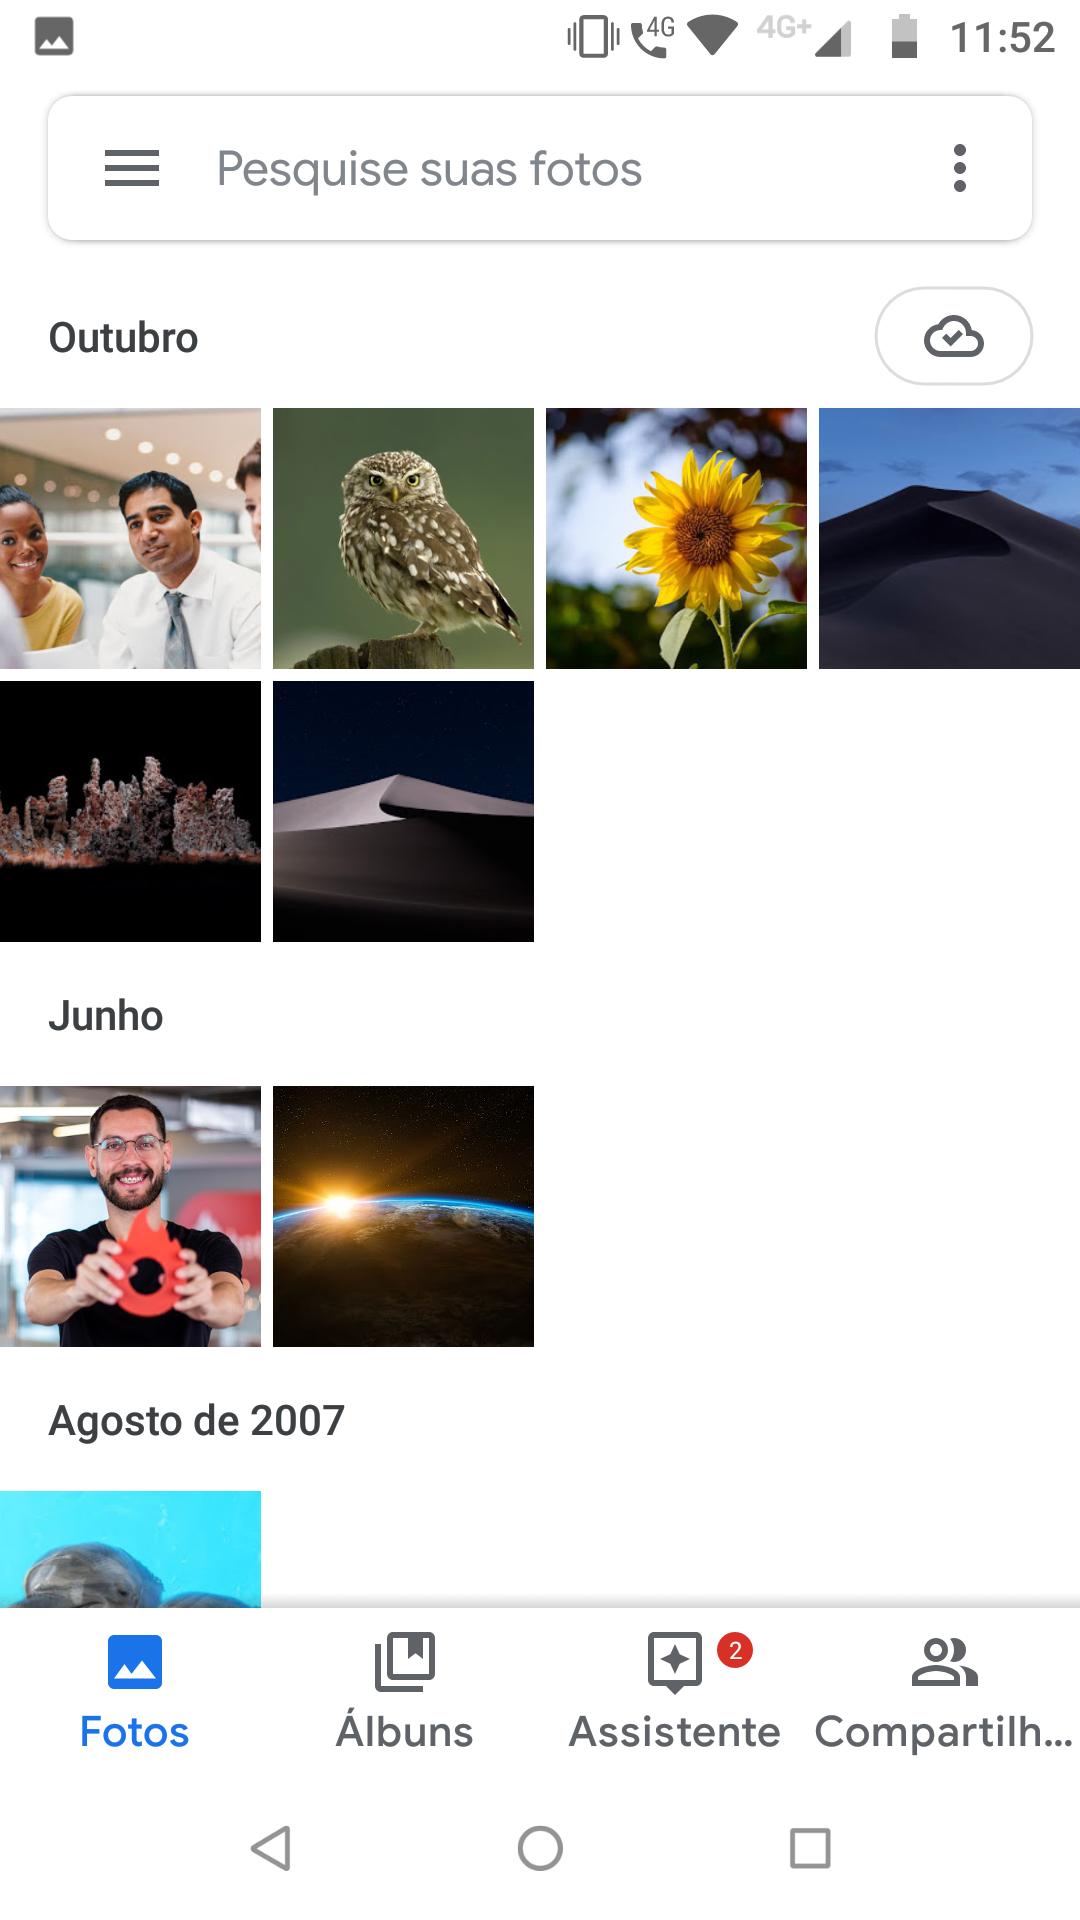 Google Fotos_organização das imagens da galeria do Google Fotos de acordo com o mês